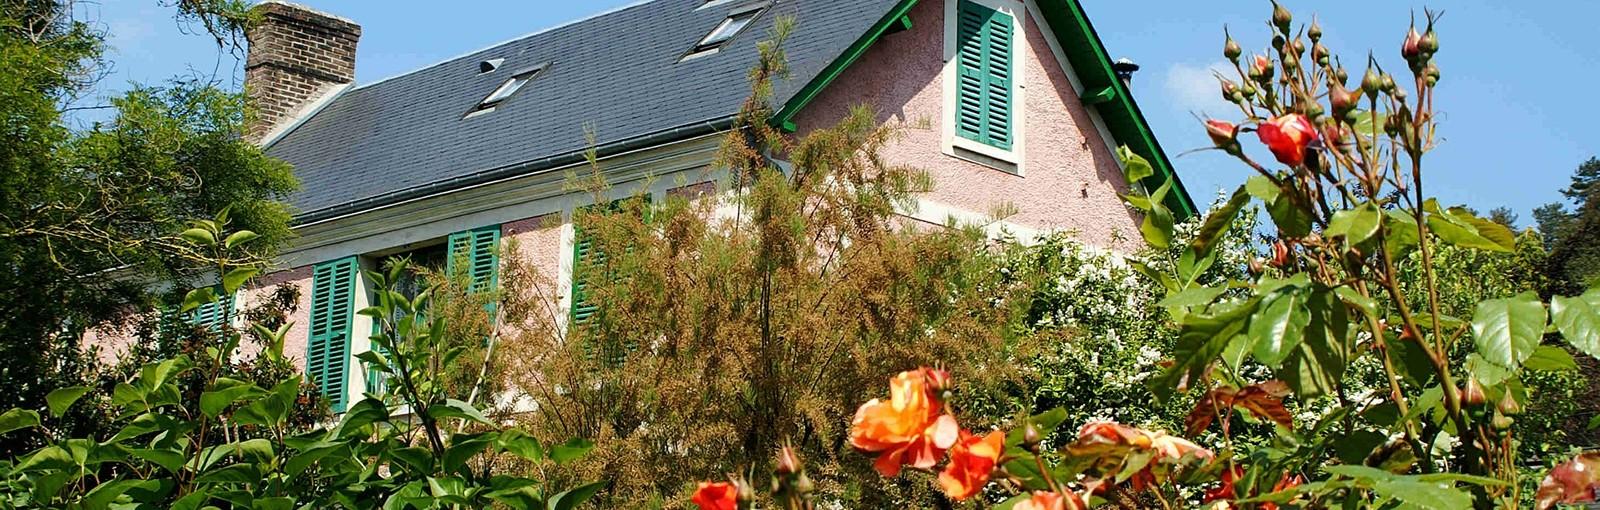 Tours Giverny - Demi-journées - Excursions au départ de Paris